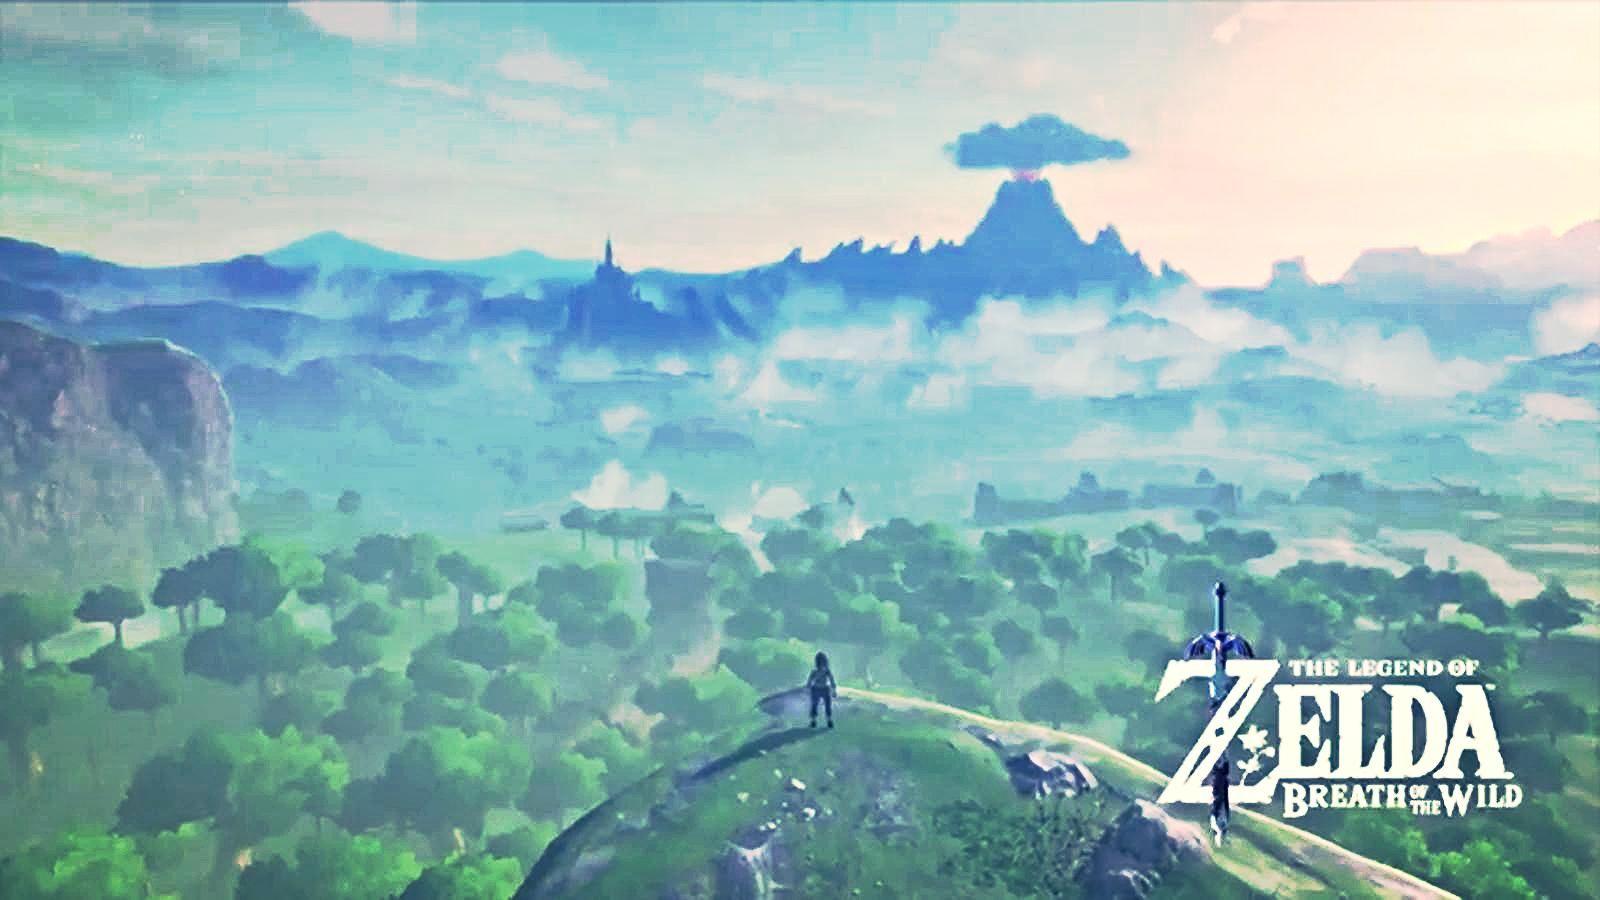 The Legend of Zelda Breath of the Wild HD Wallpaper 6